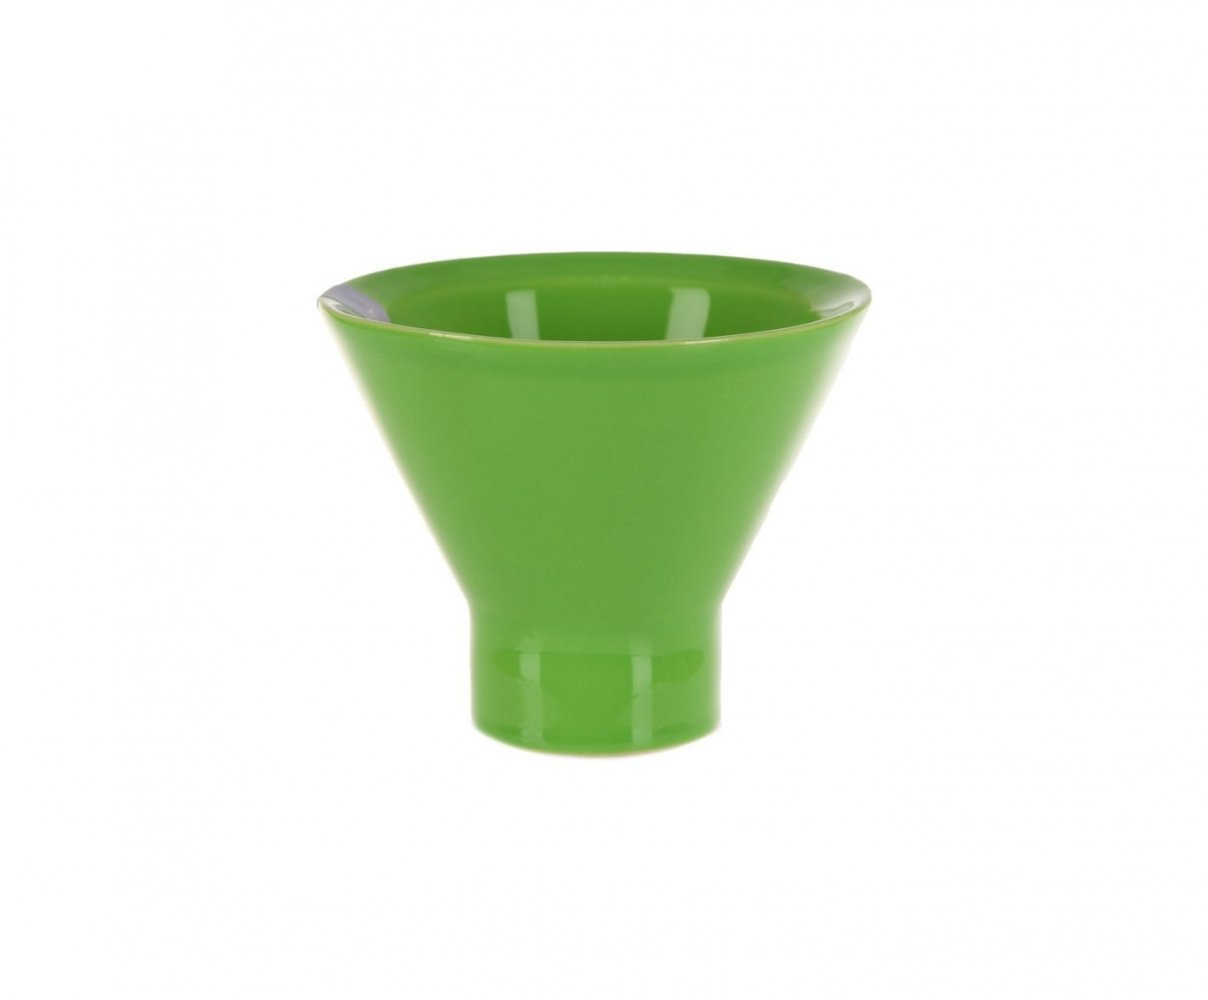 Яичница-минутка 10 см (цвет: зеленое яблоко) Emile Henry